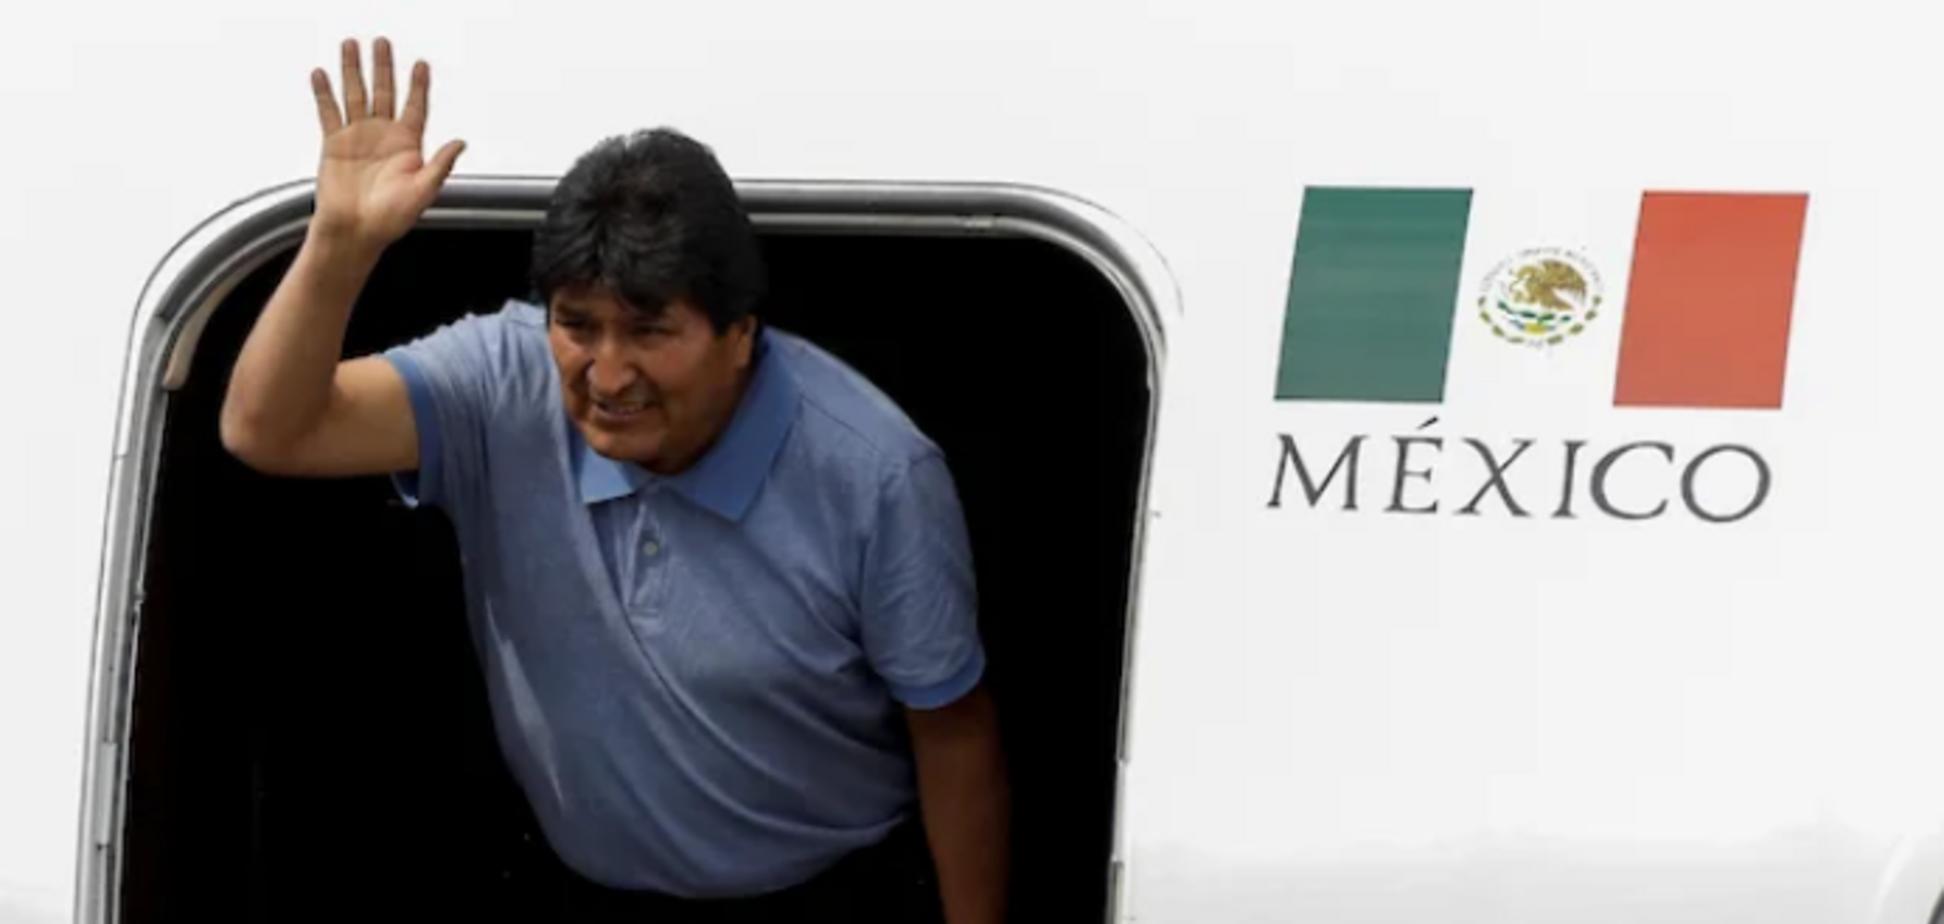 Моралес отримав притулок у Мексиці